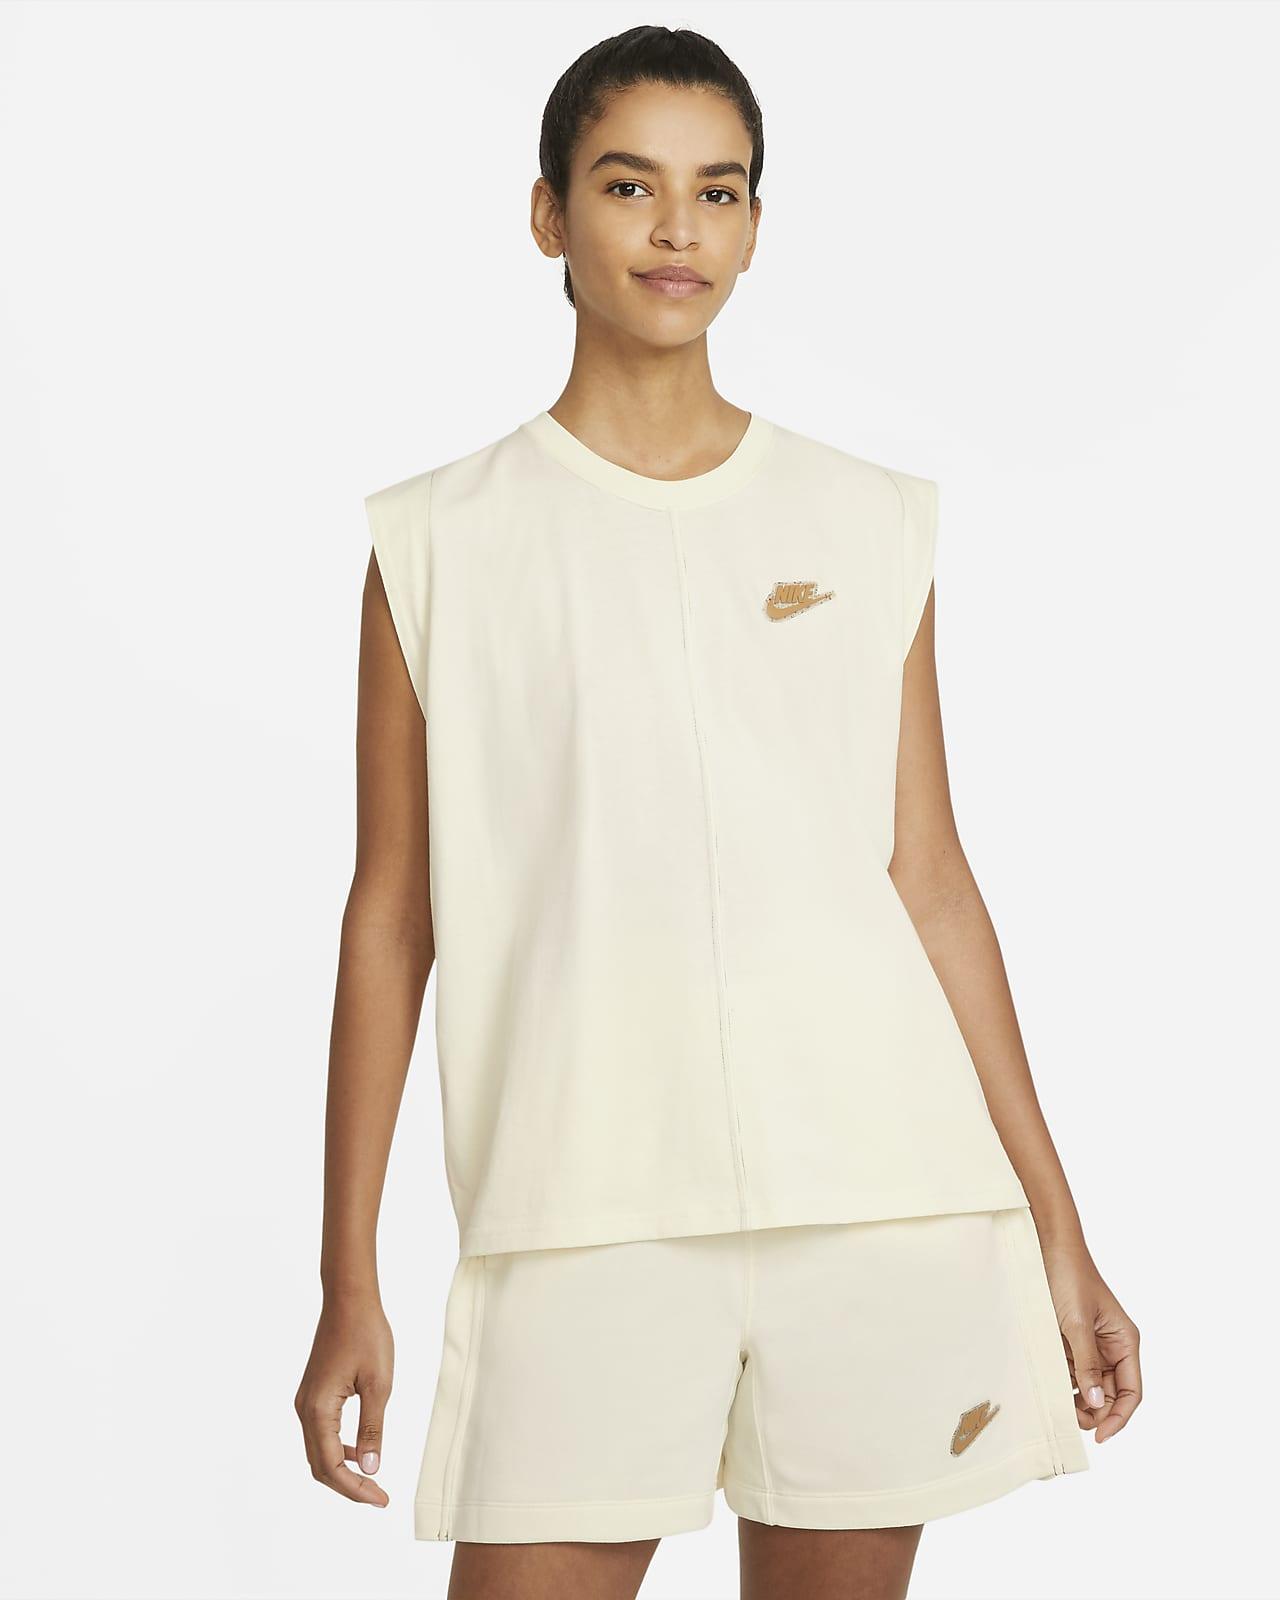 Nike Sportswear 女款背心